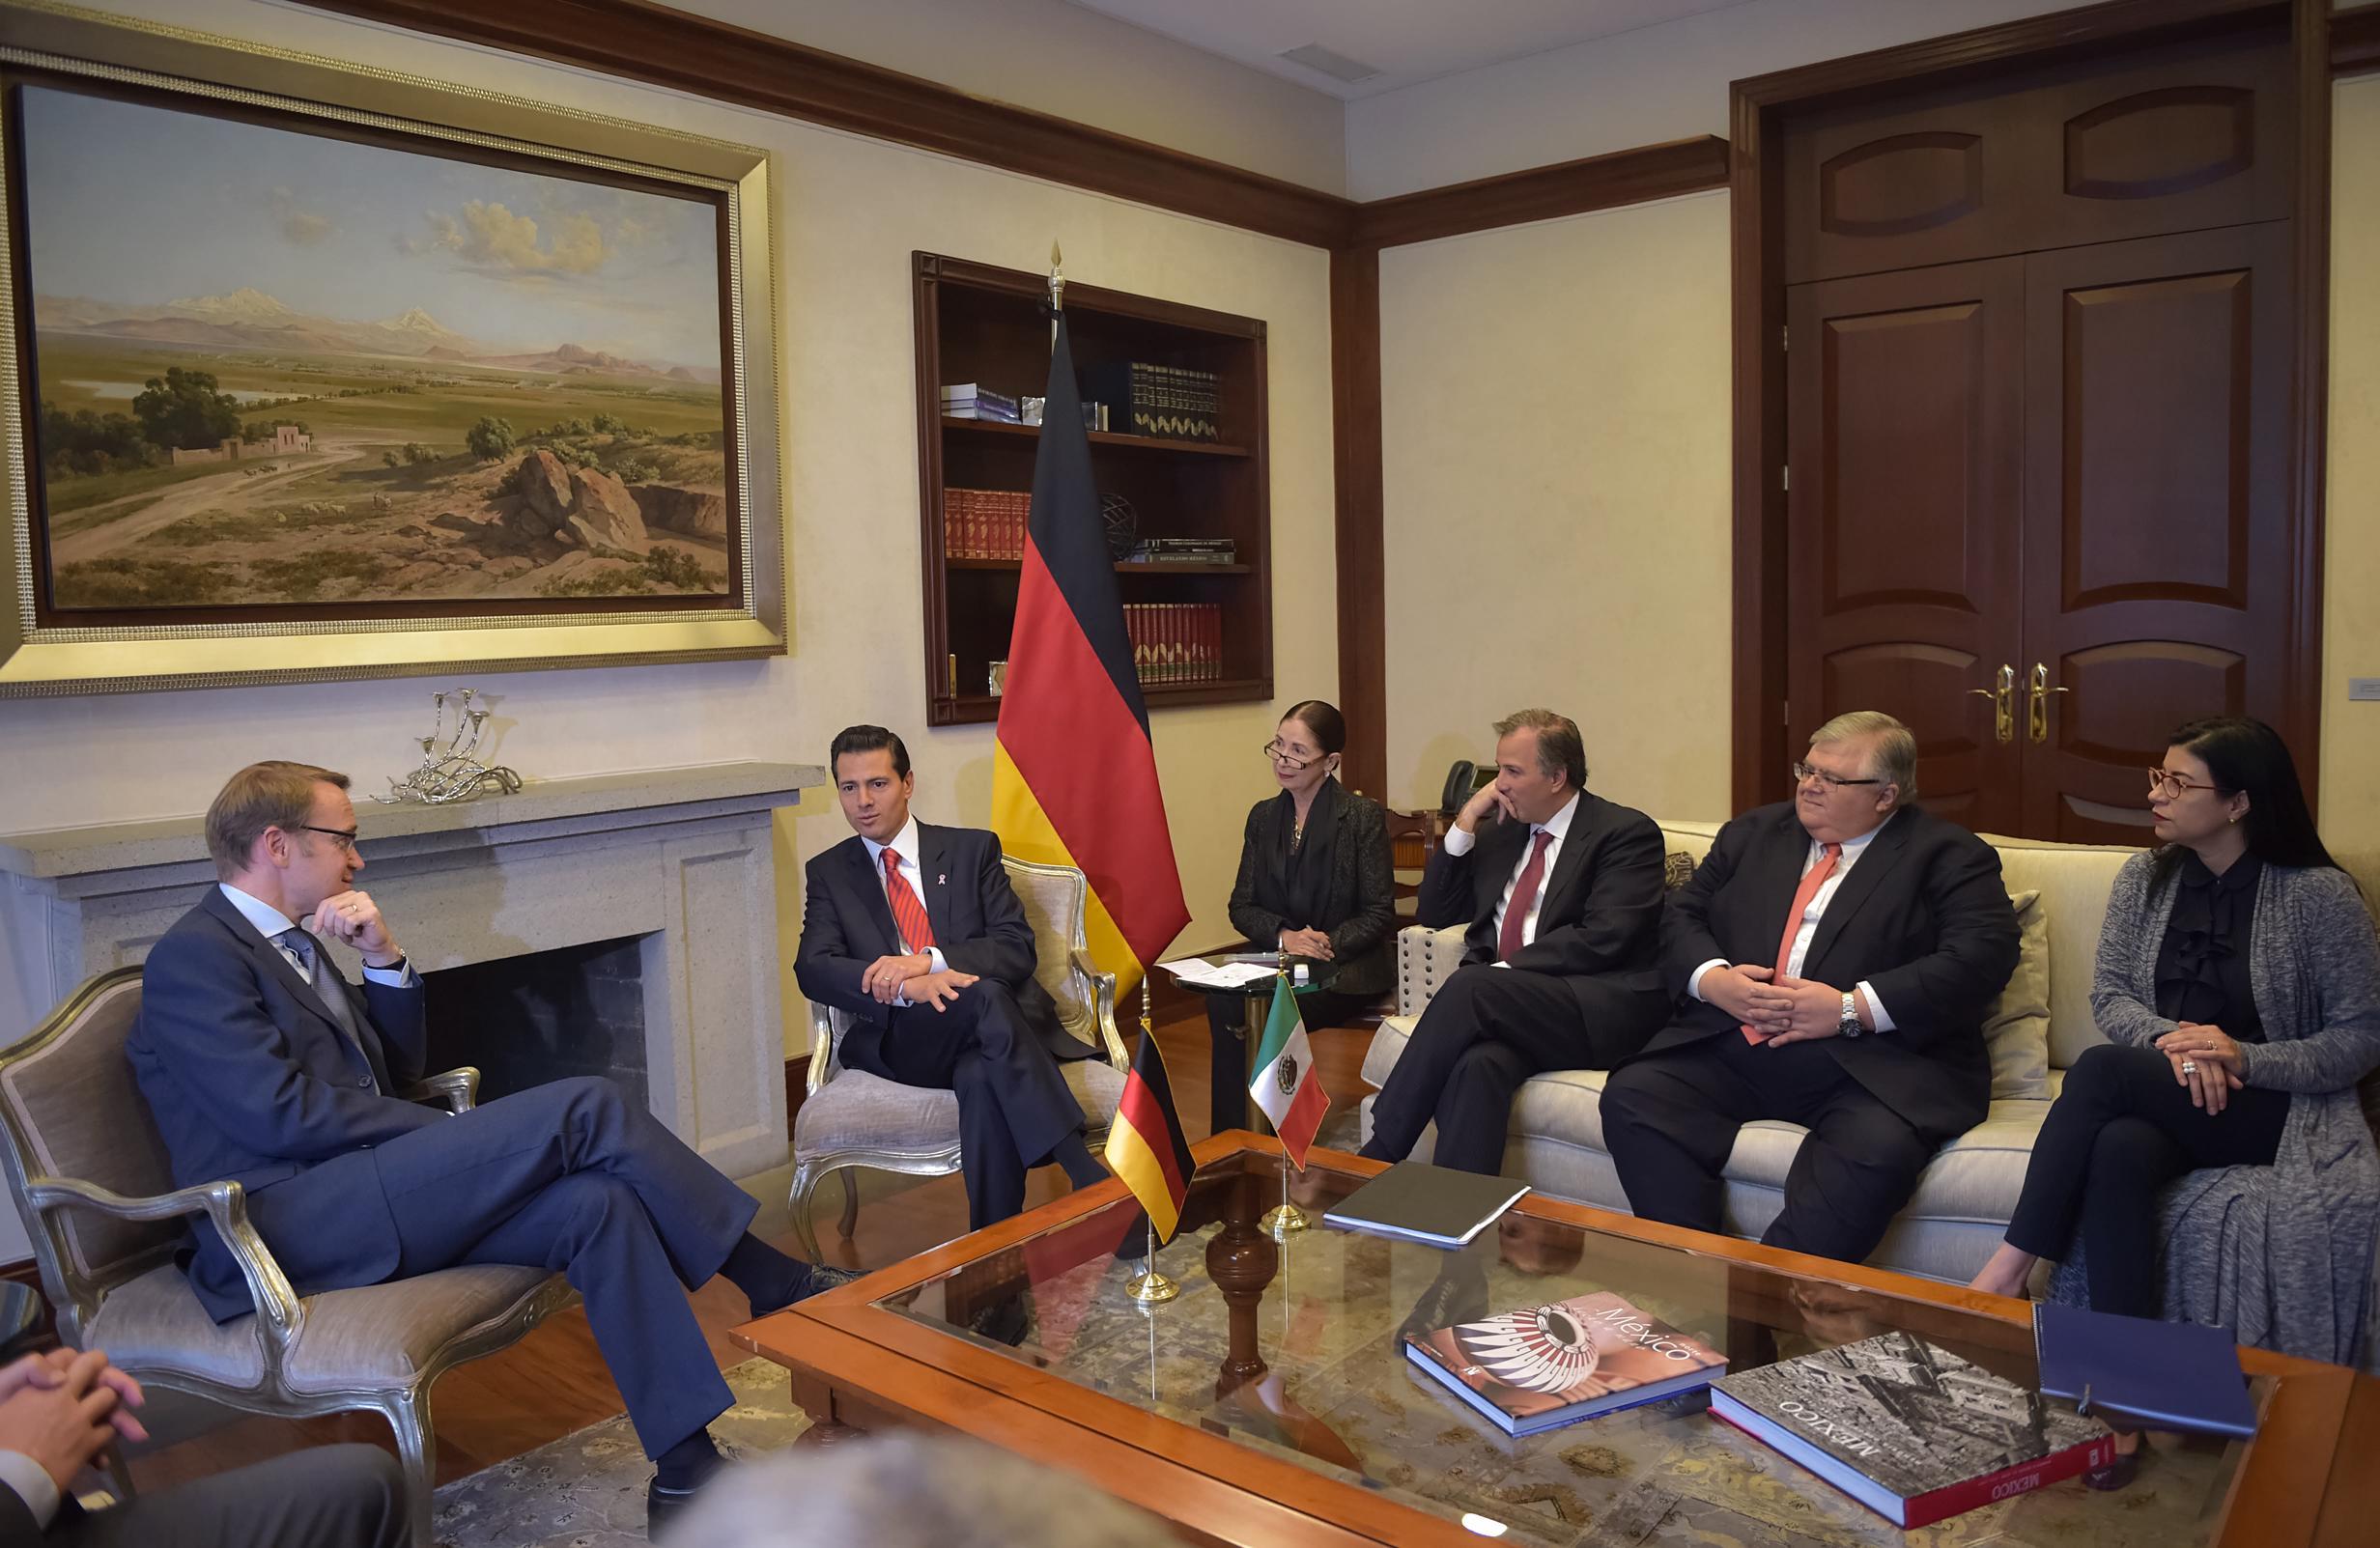 Estuvieron presentes el Secretario de Hacienda y Crédito Público, José Antonio Meade Kuribreña, y el Gobernador del Banco de México, Agustín Carstens.